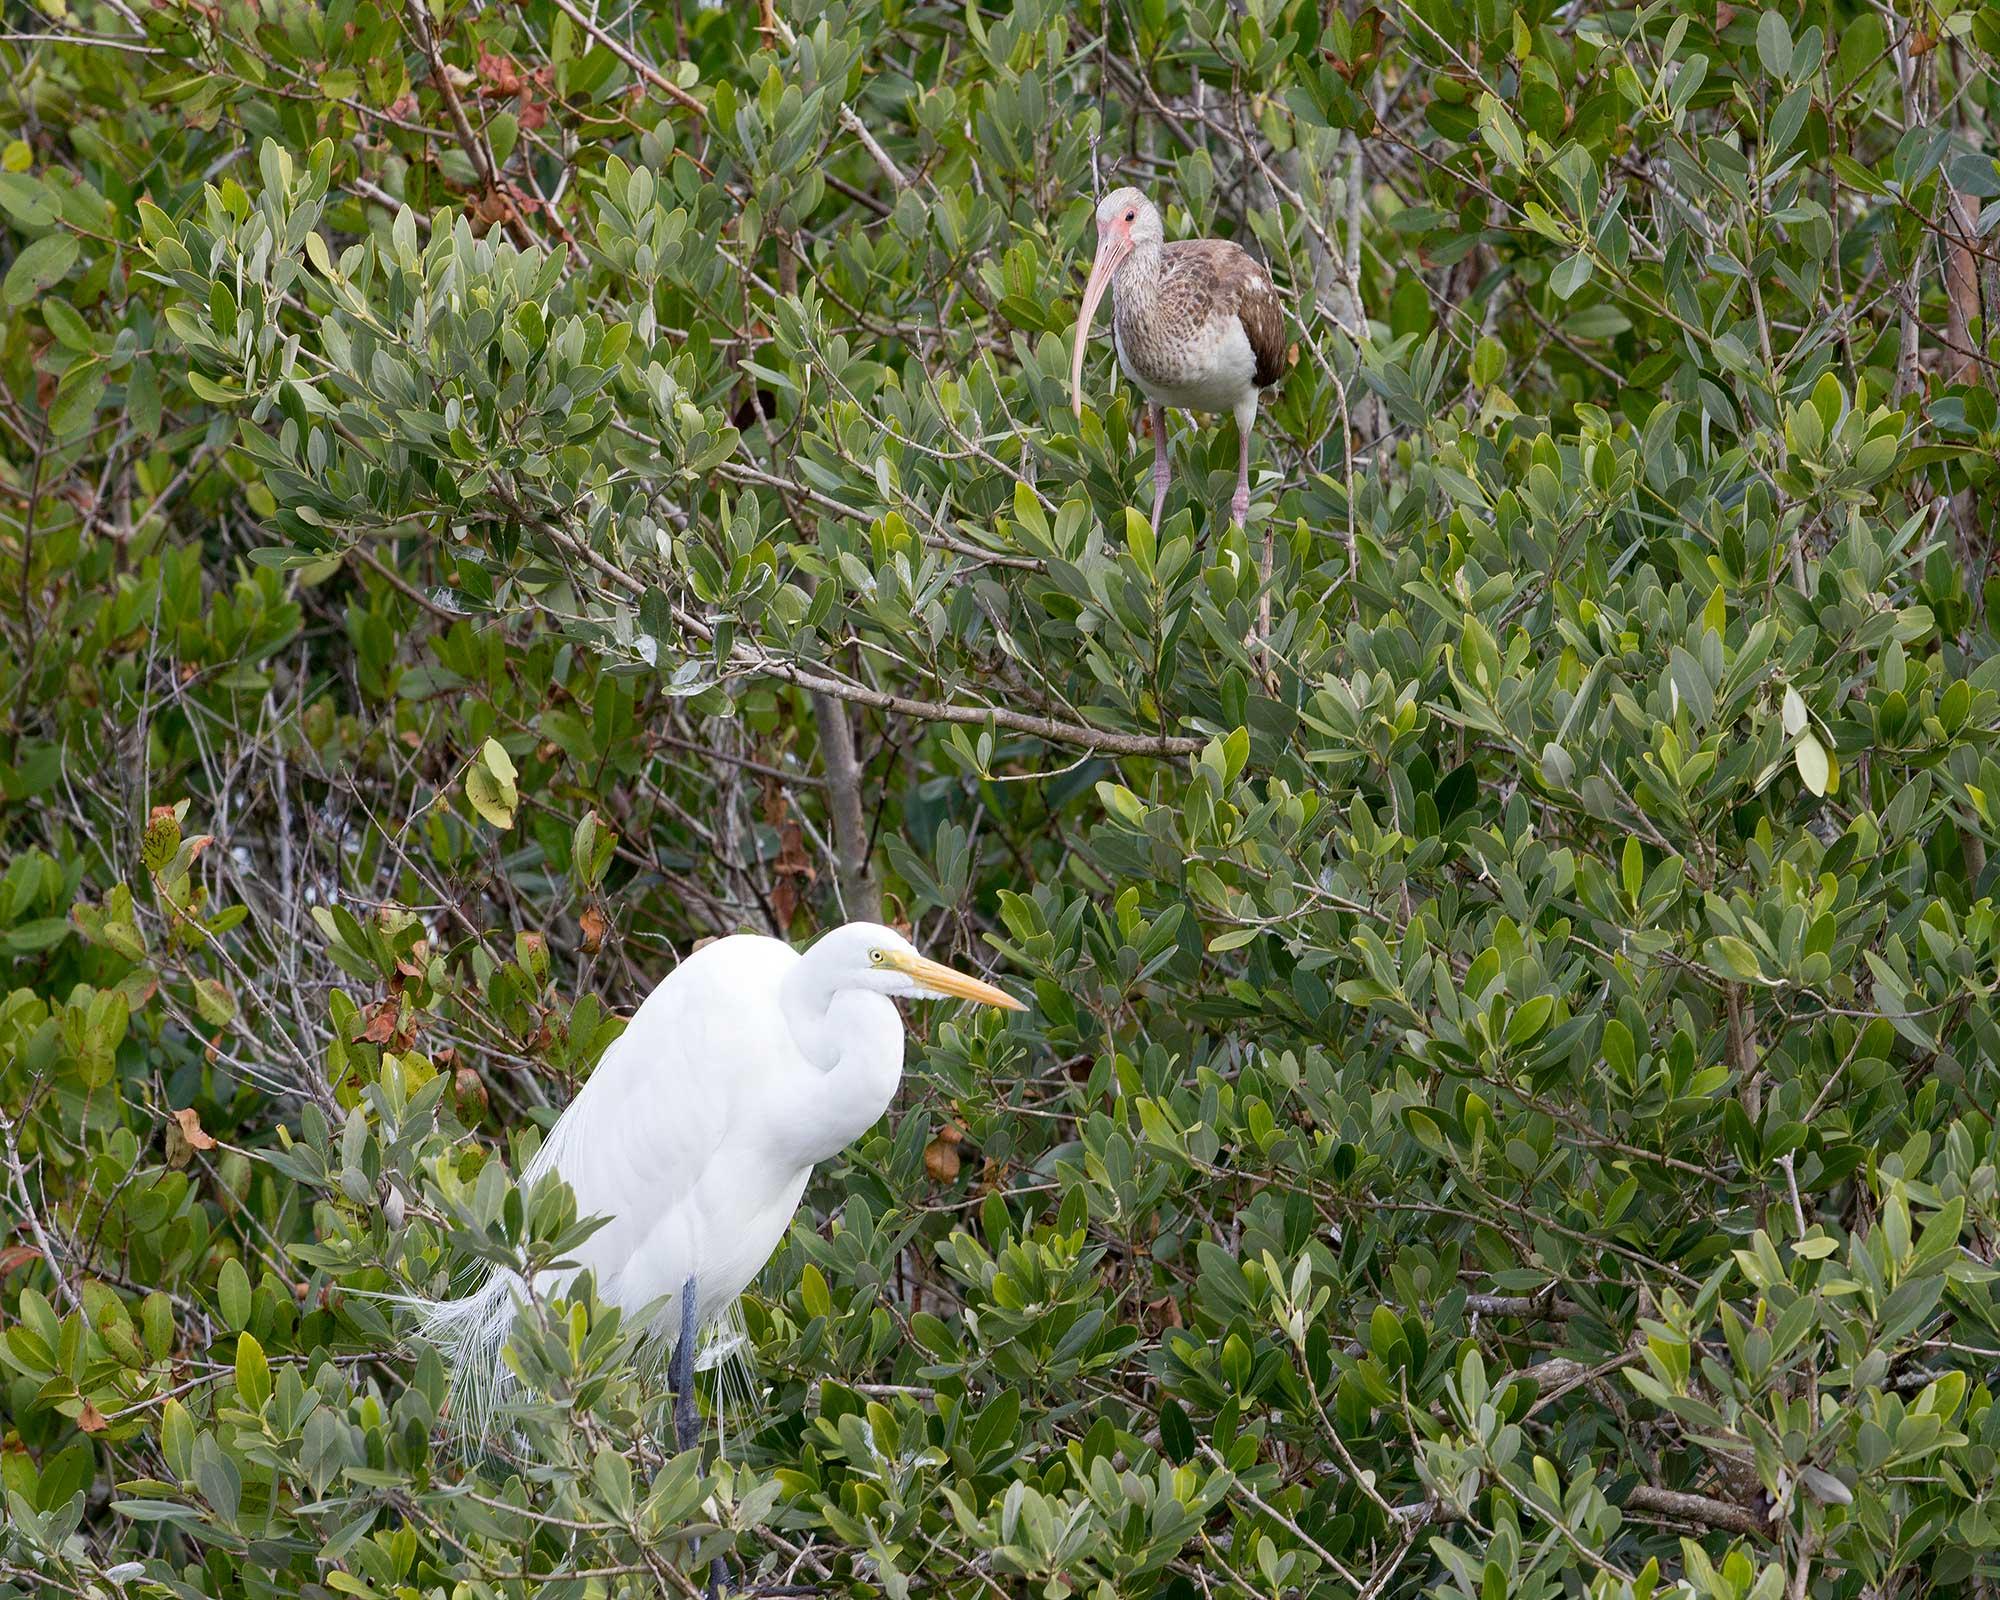 White Ibis and Egret